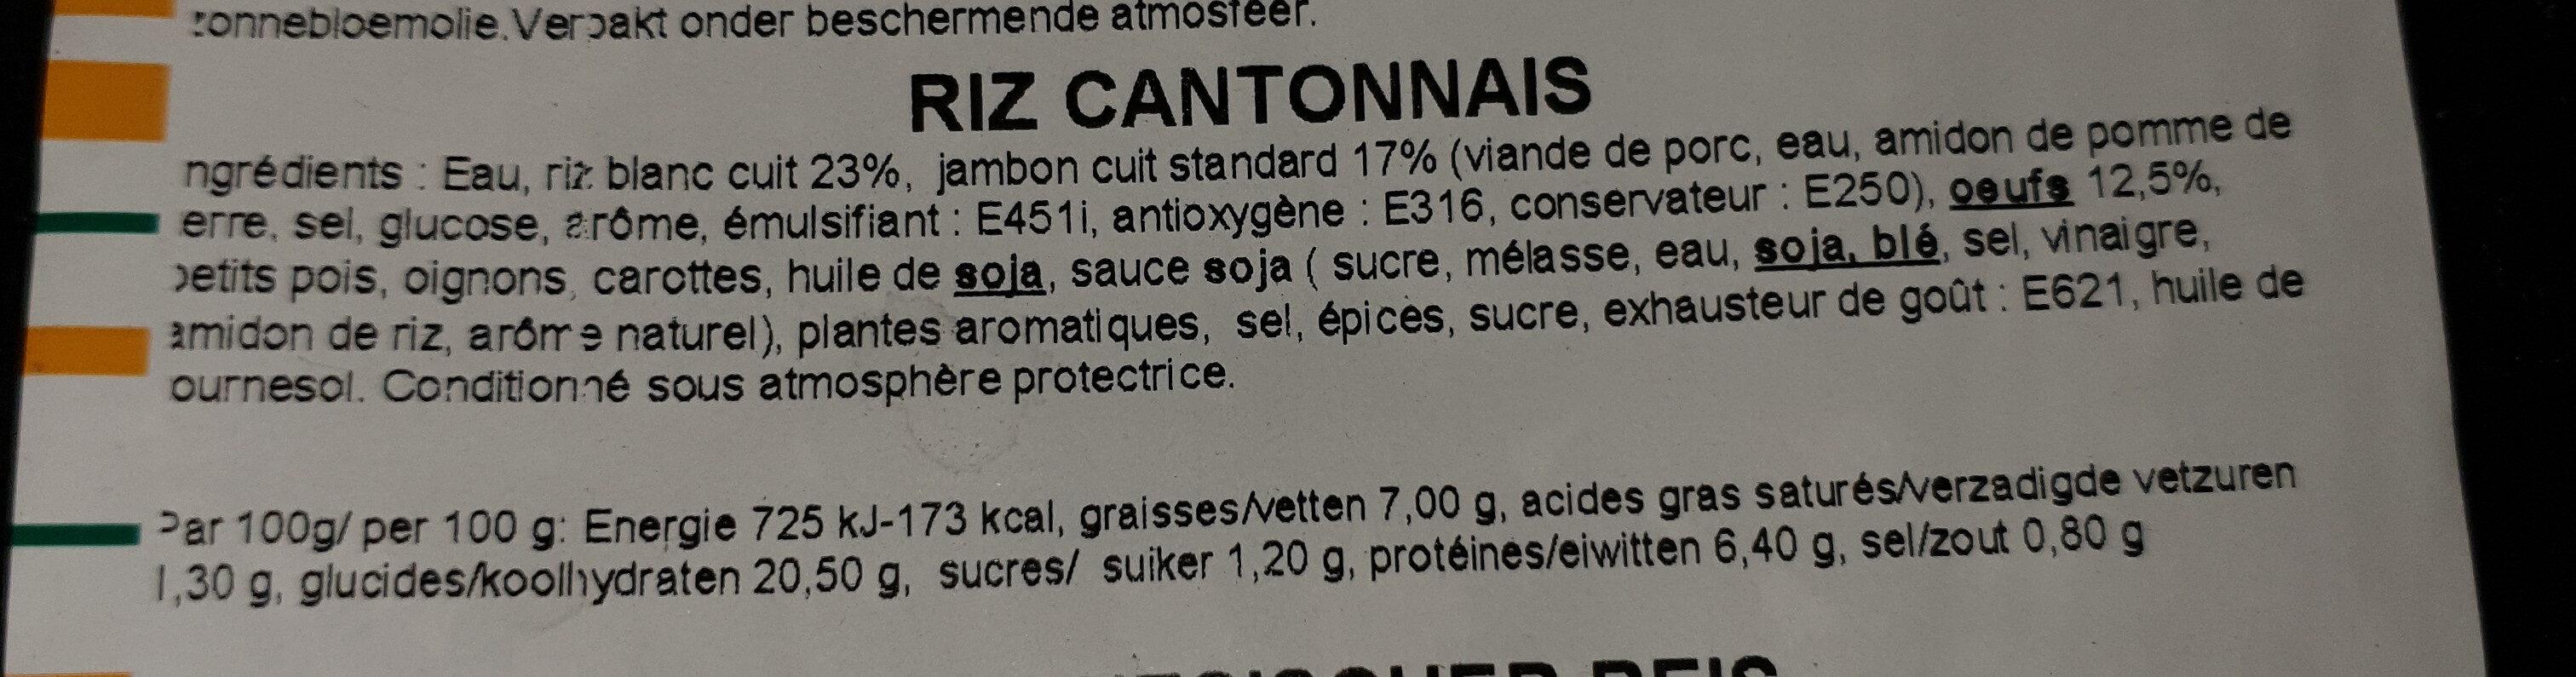 riz cantonnais - Ingrediënten - fr